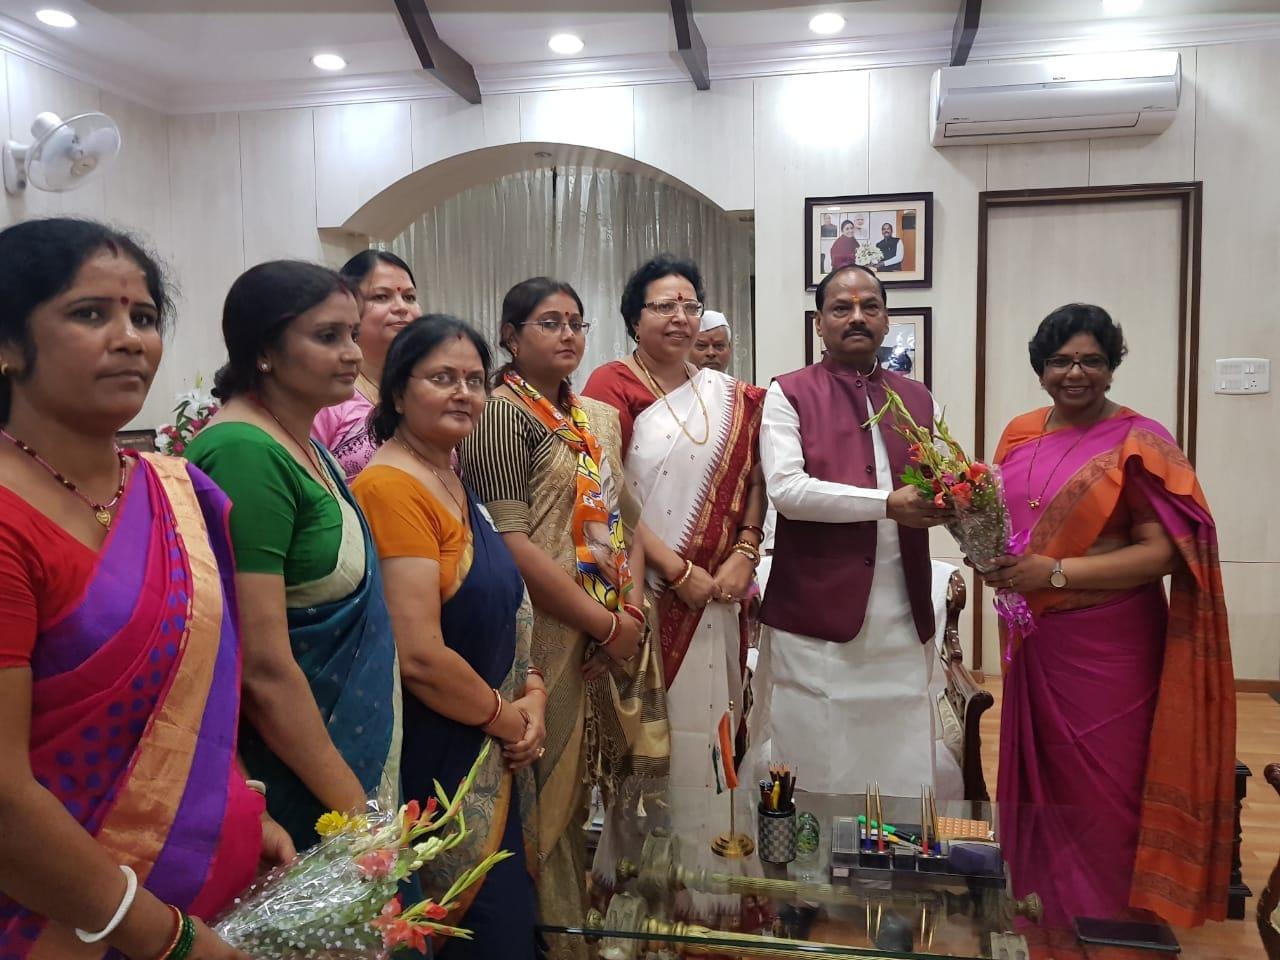 <p>BJP महिला मोर्चा की राष्ट्रीय अध्यक्ष विजया रहाटकरजी भाजपा प्रदेश कार्यालय में |</p>